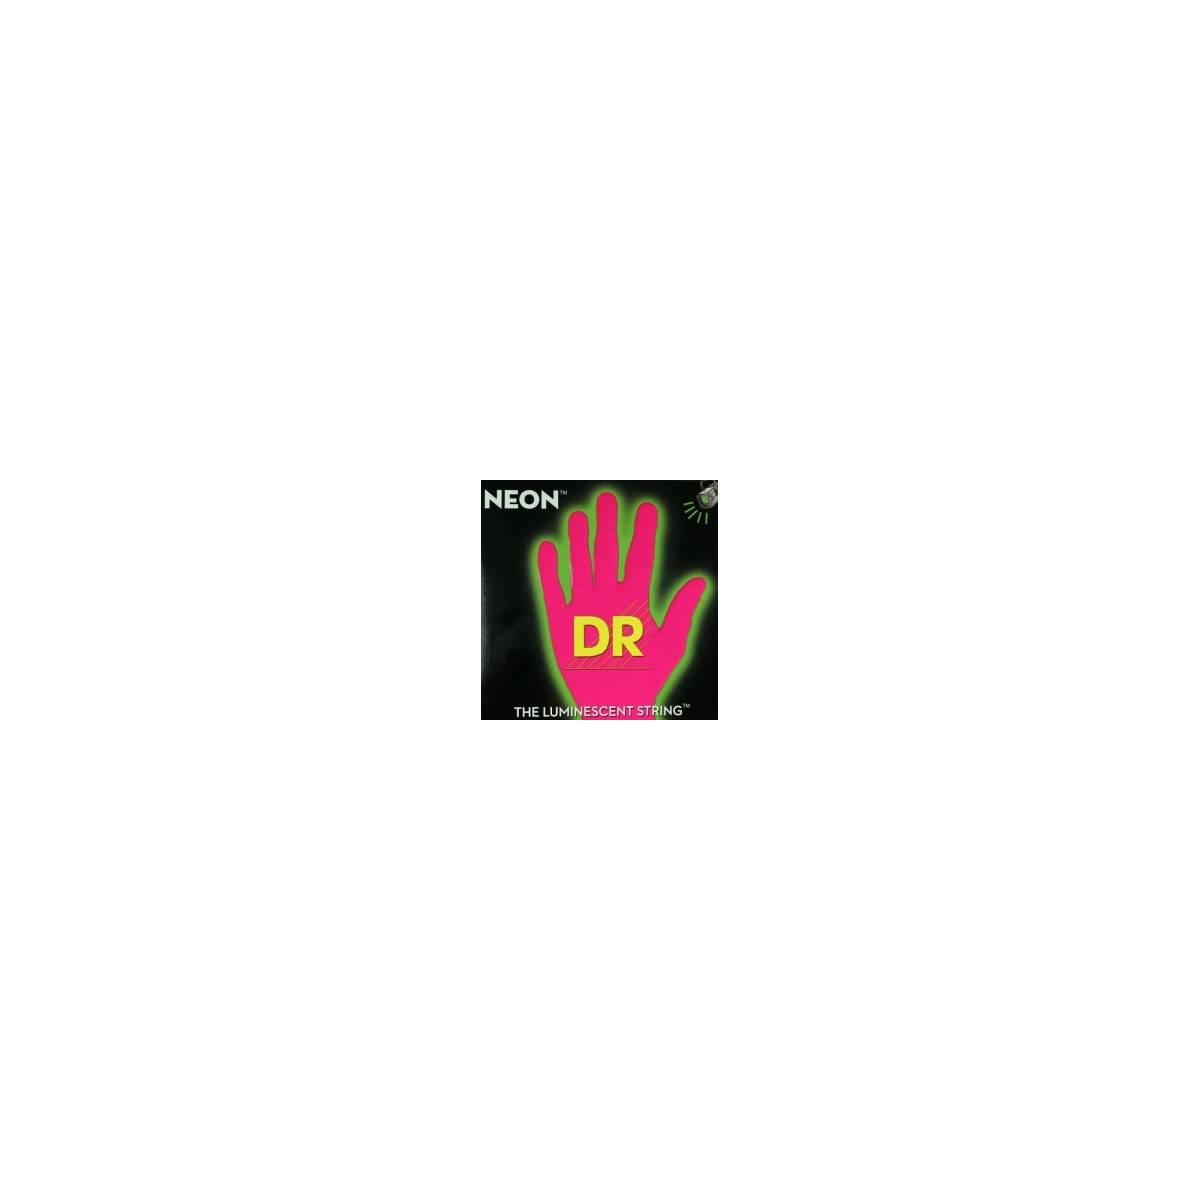 Jeu de Cordes NEON Rose DR 10/46